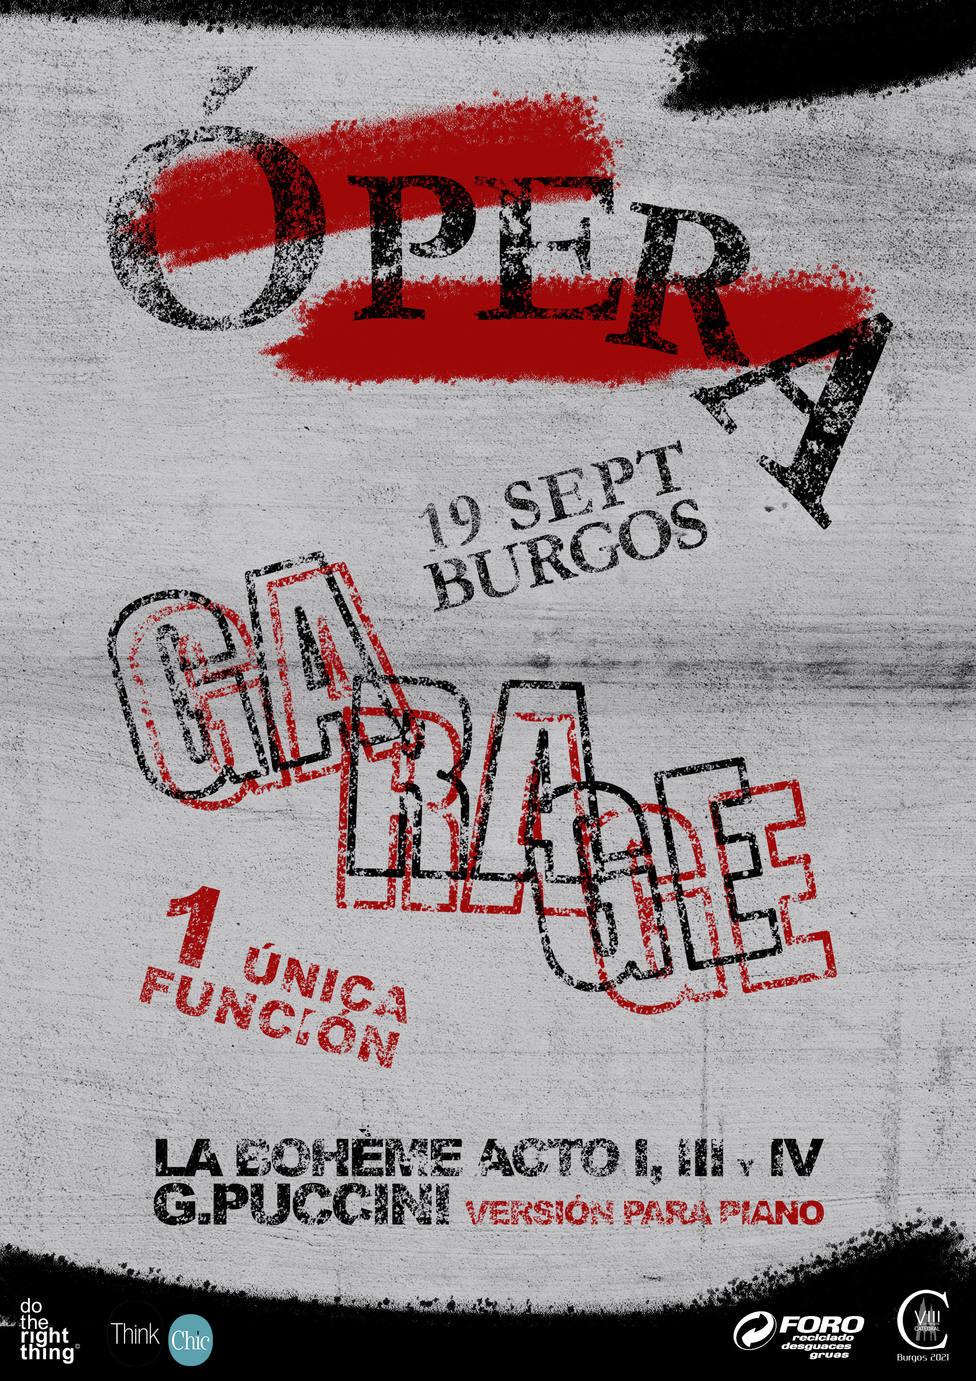 Opera Garaje